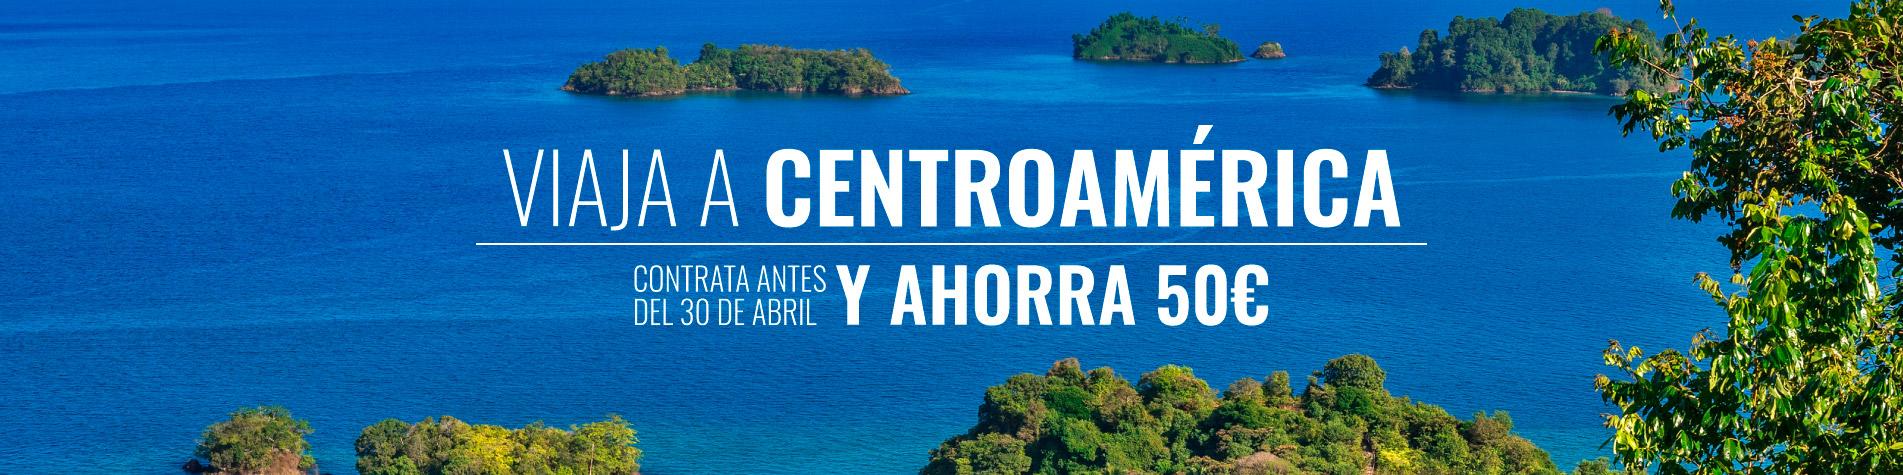 Viaja a Centroamerica y ahorra 50€